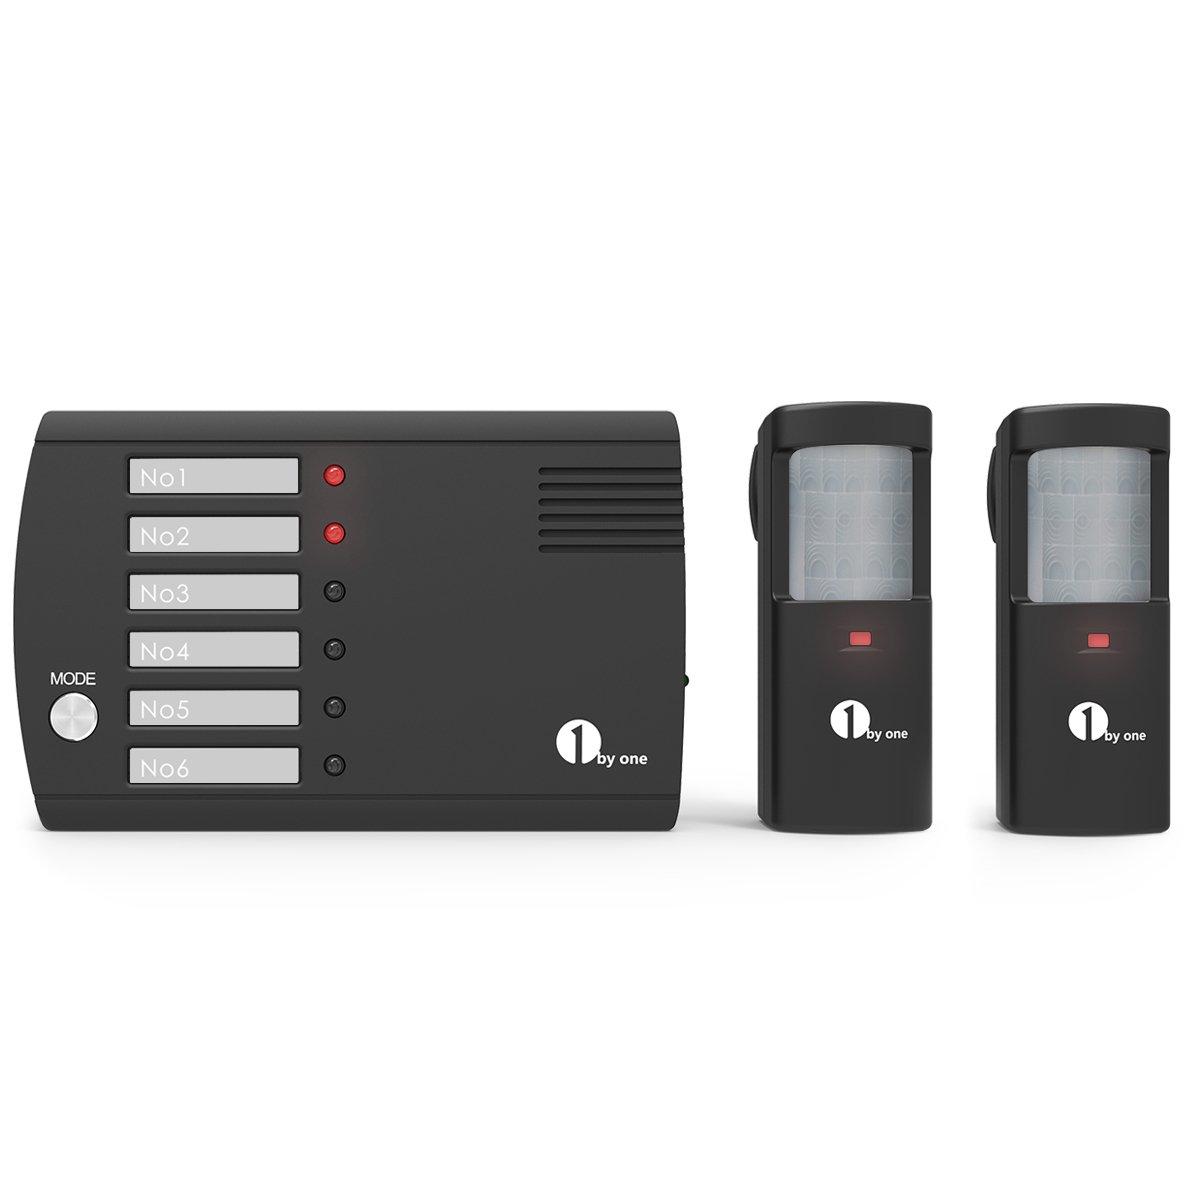 1byone inalámbrico sistema de alerta con 2 sensores de movimiento, alertas en cualquier lugar dentro de su casa, color negro ¡: Amazon.es: Electrónica